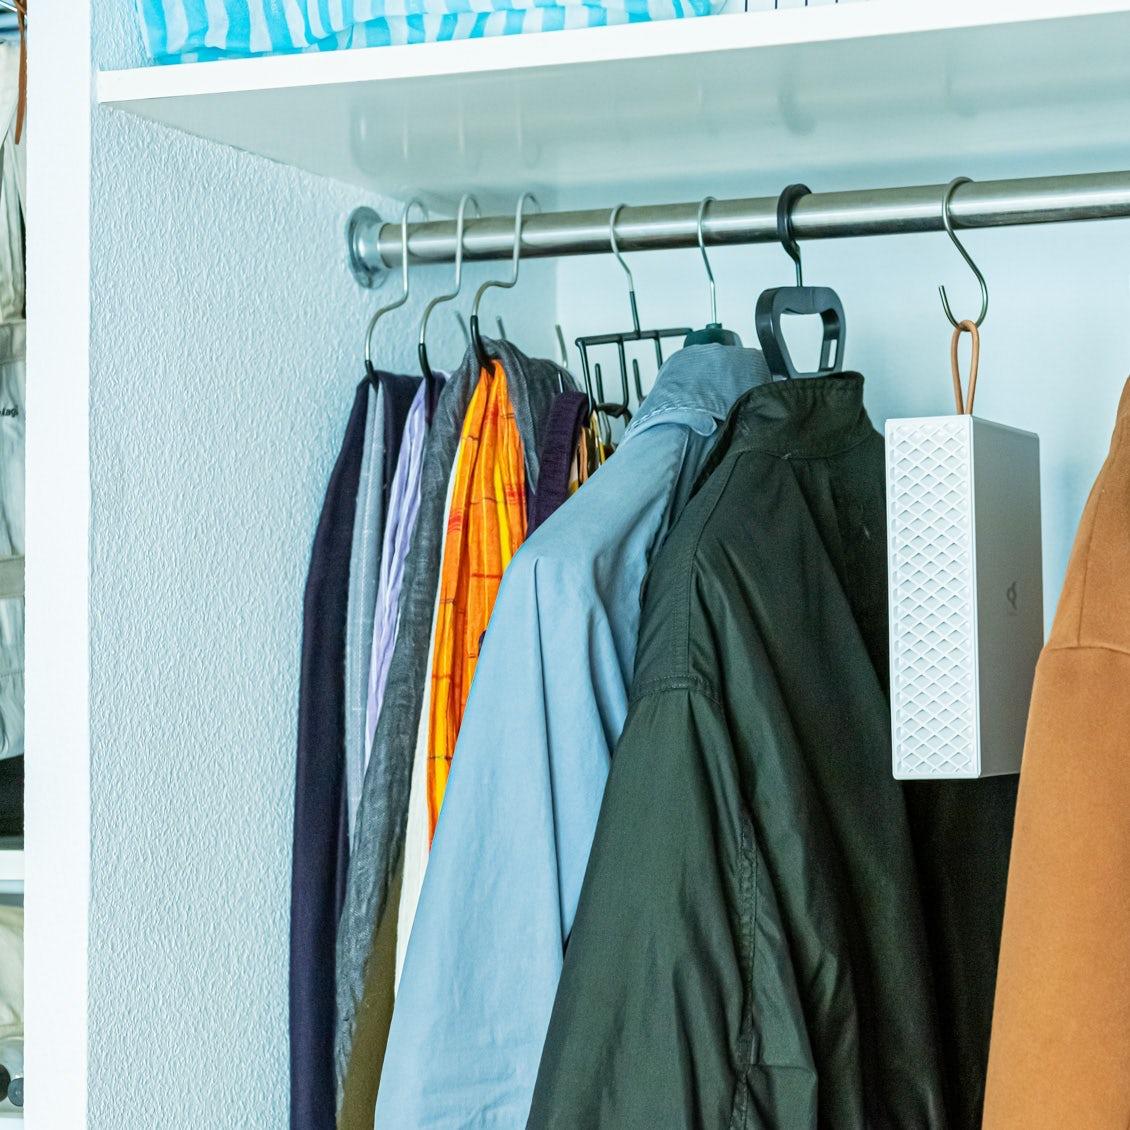 【暮らしのにおい対策】衣装ケースを使ってにおいをリセット! 置いて掛けて使える新しい脱臭機って?